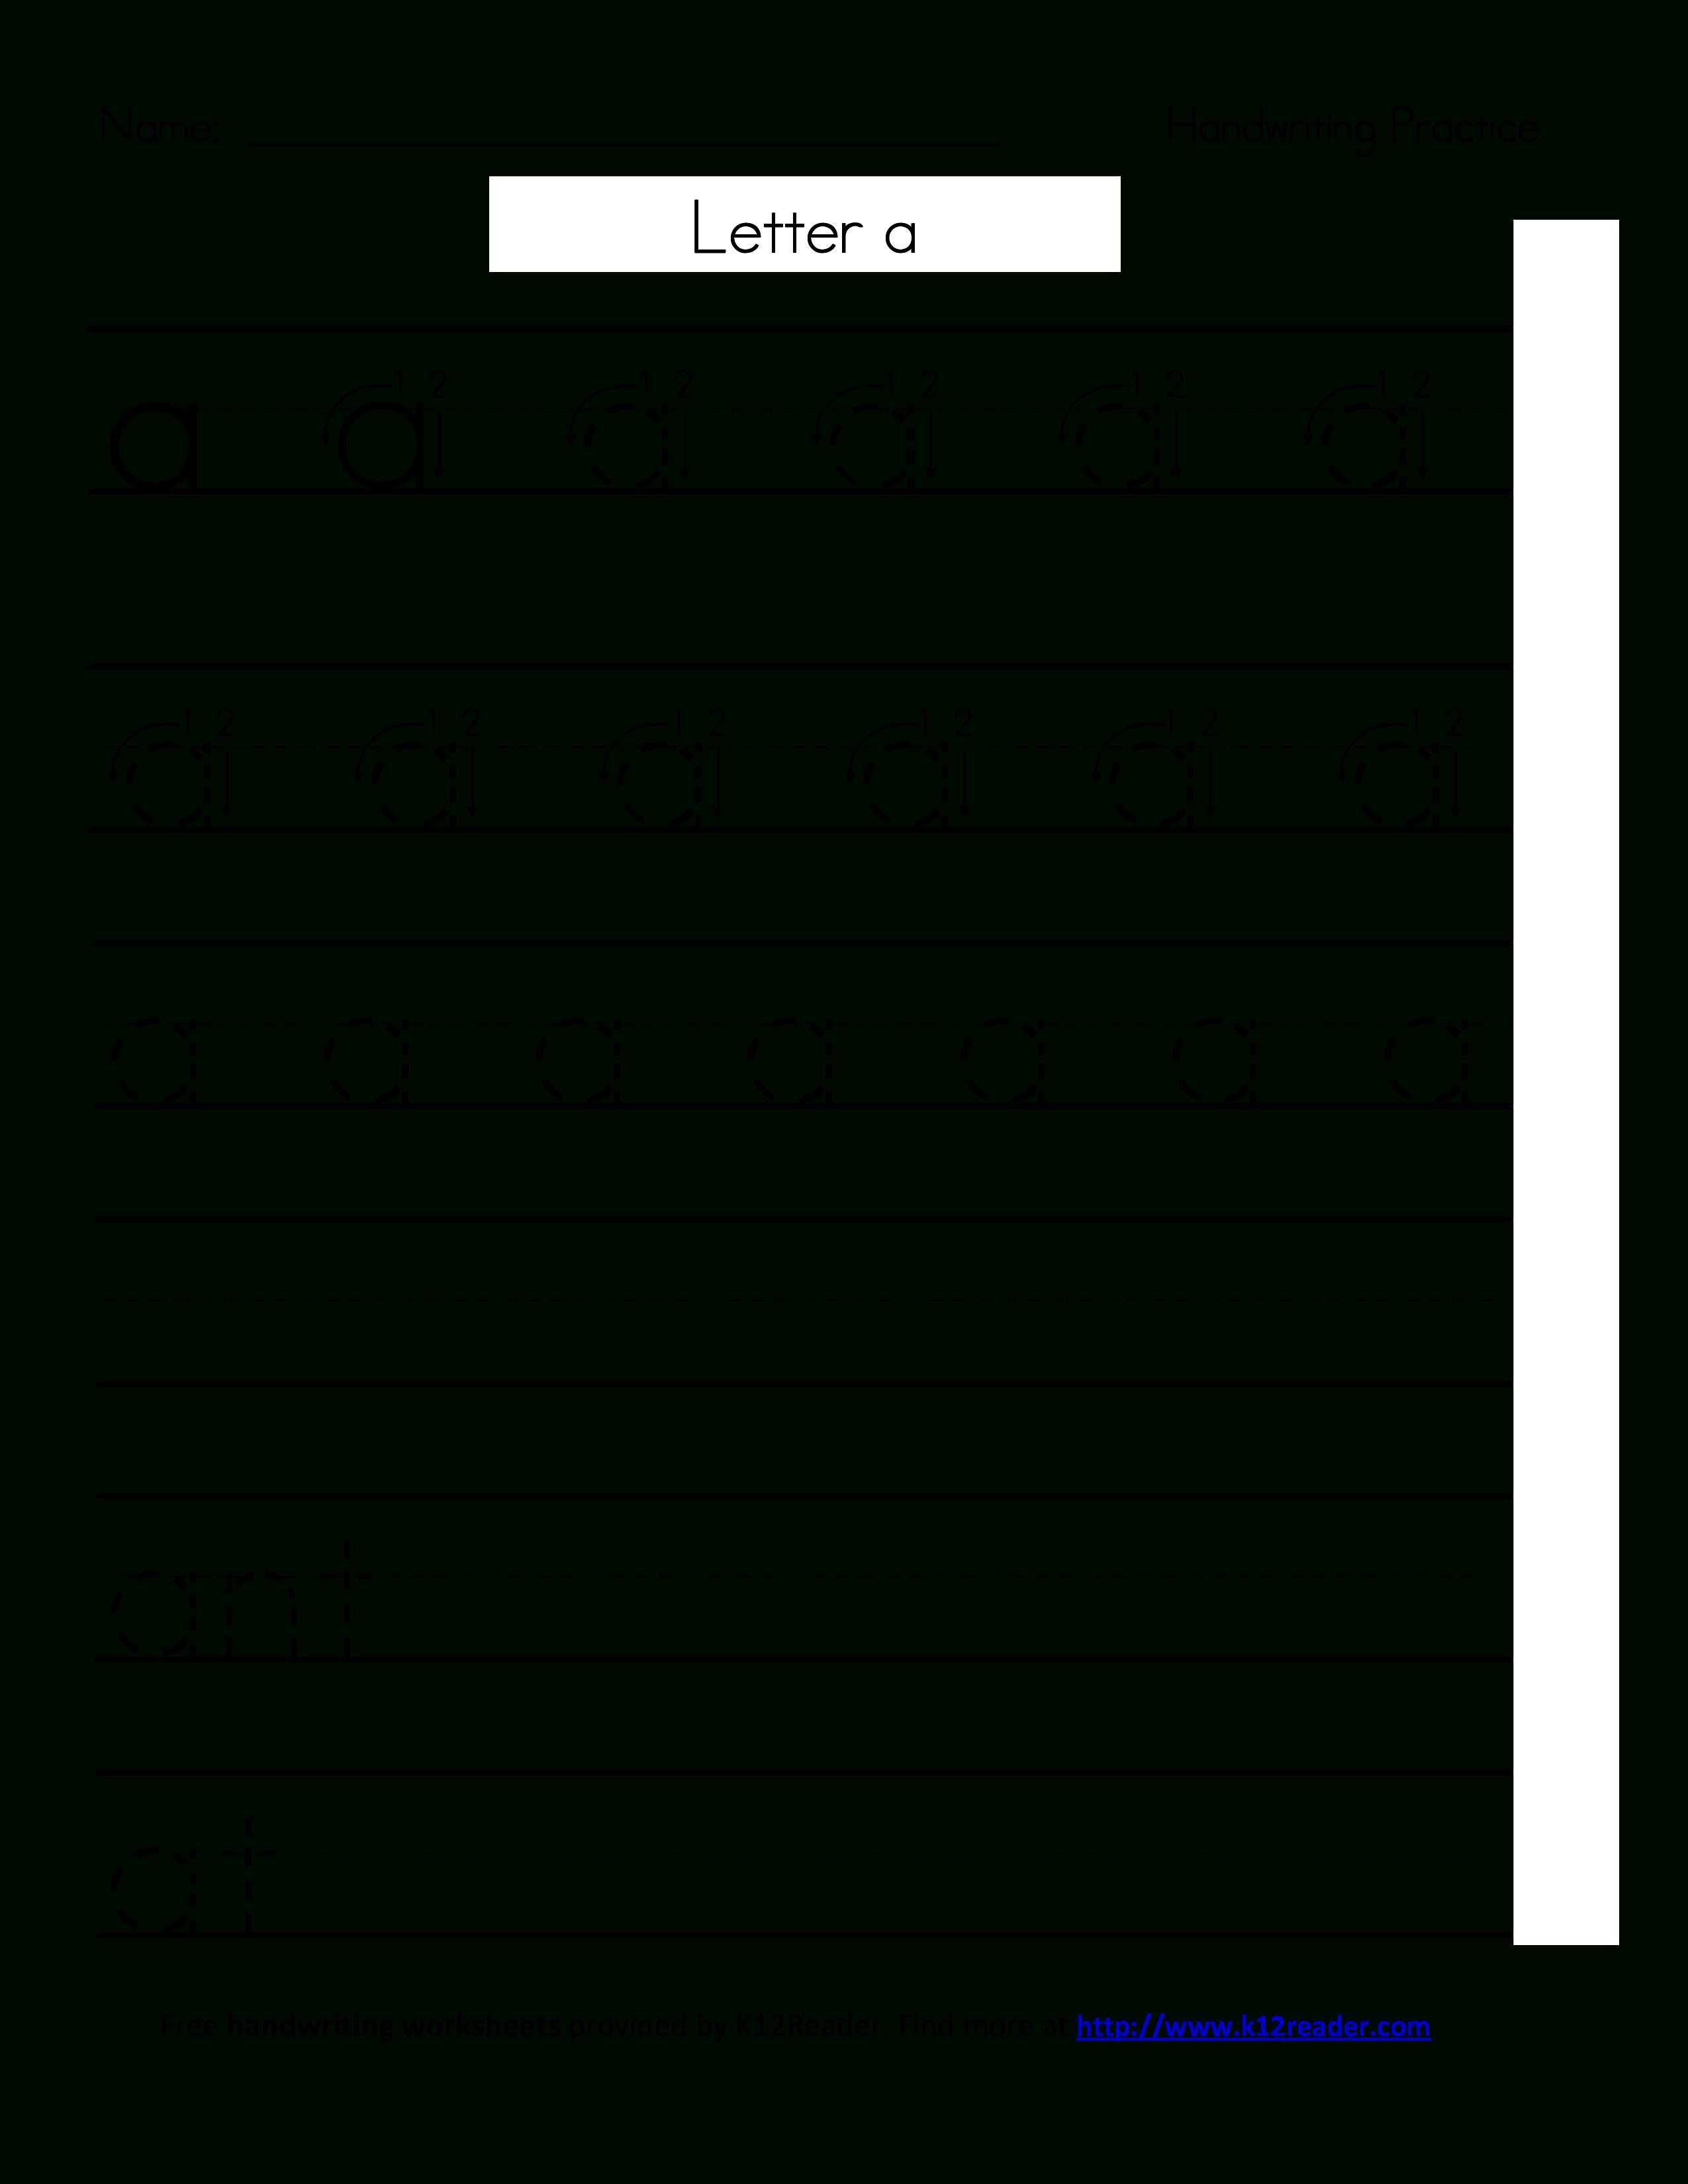 Free Printable Handwriting Worksheets   Templates At - Free Printable Handwriting Worksheets